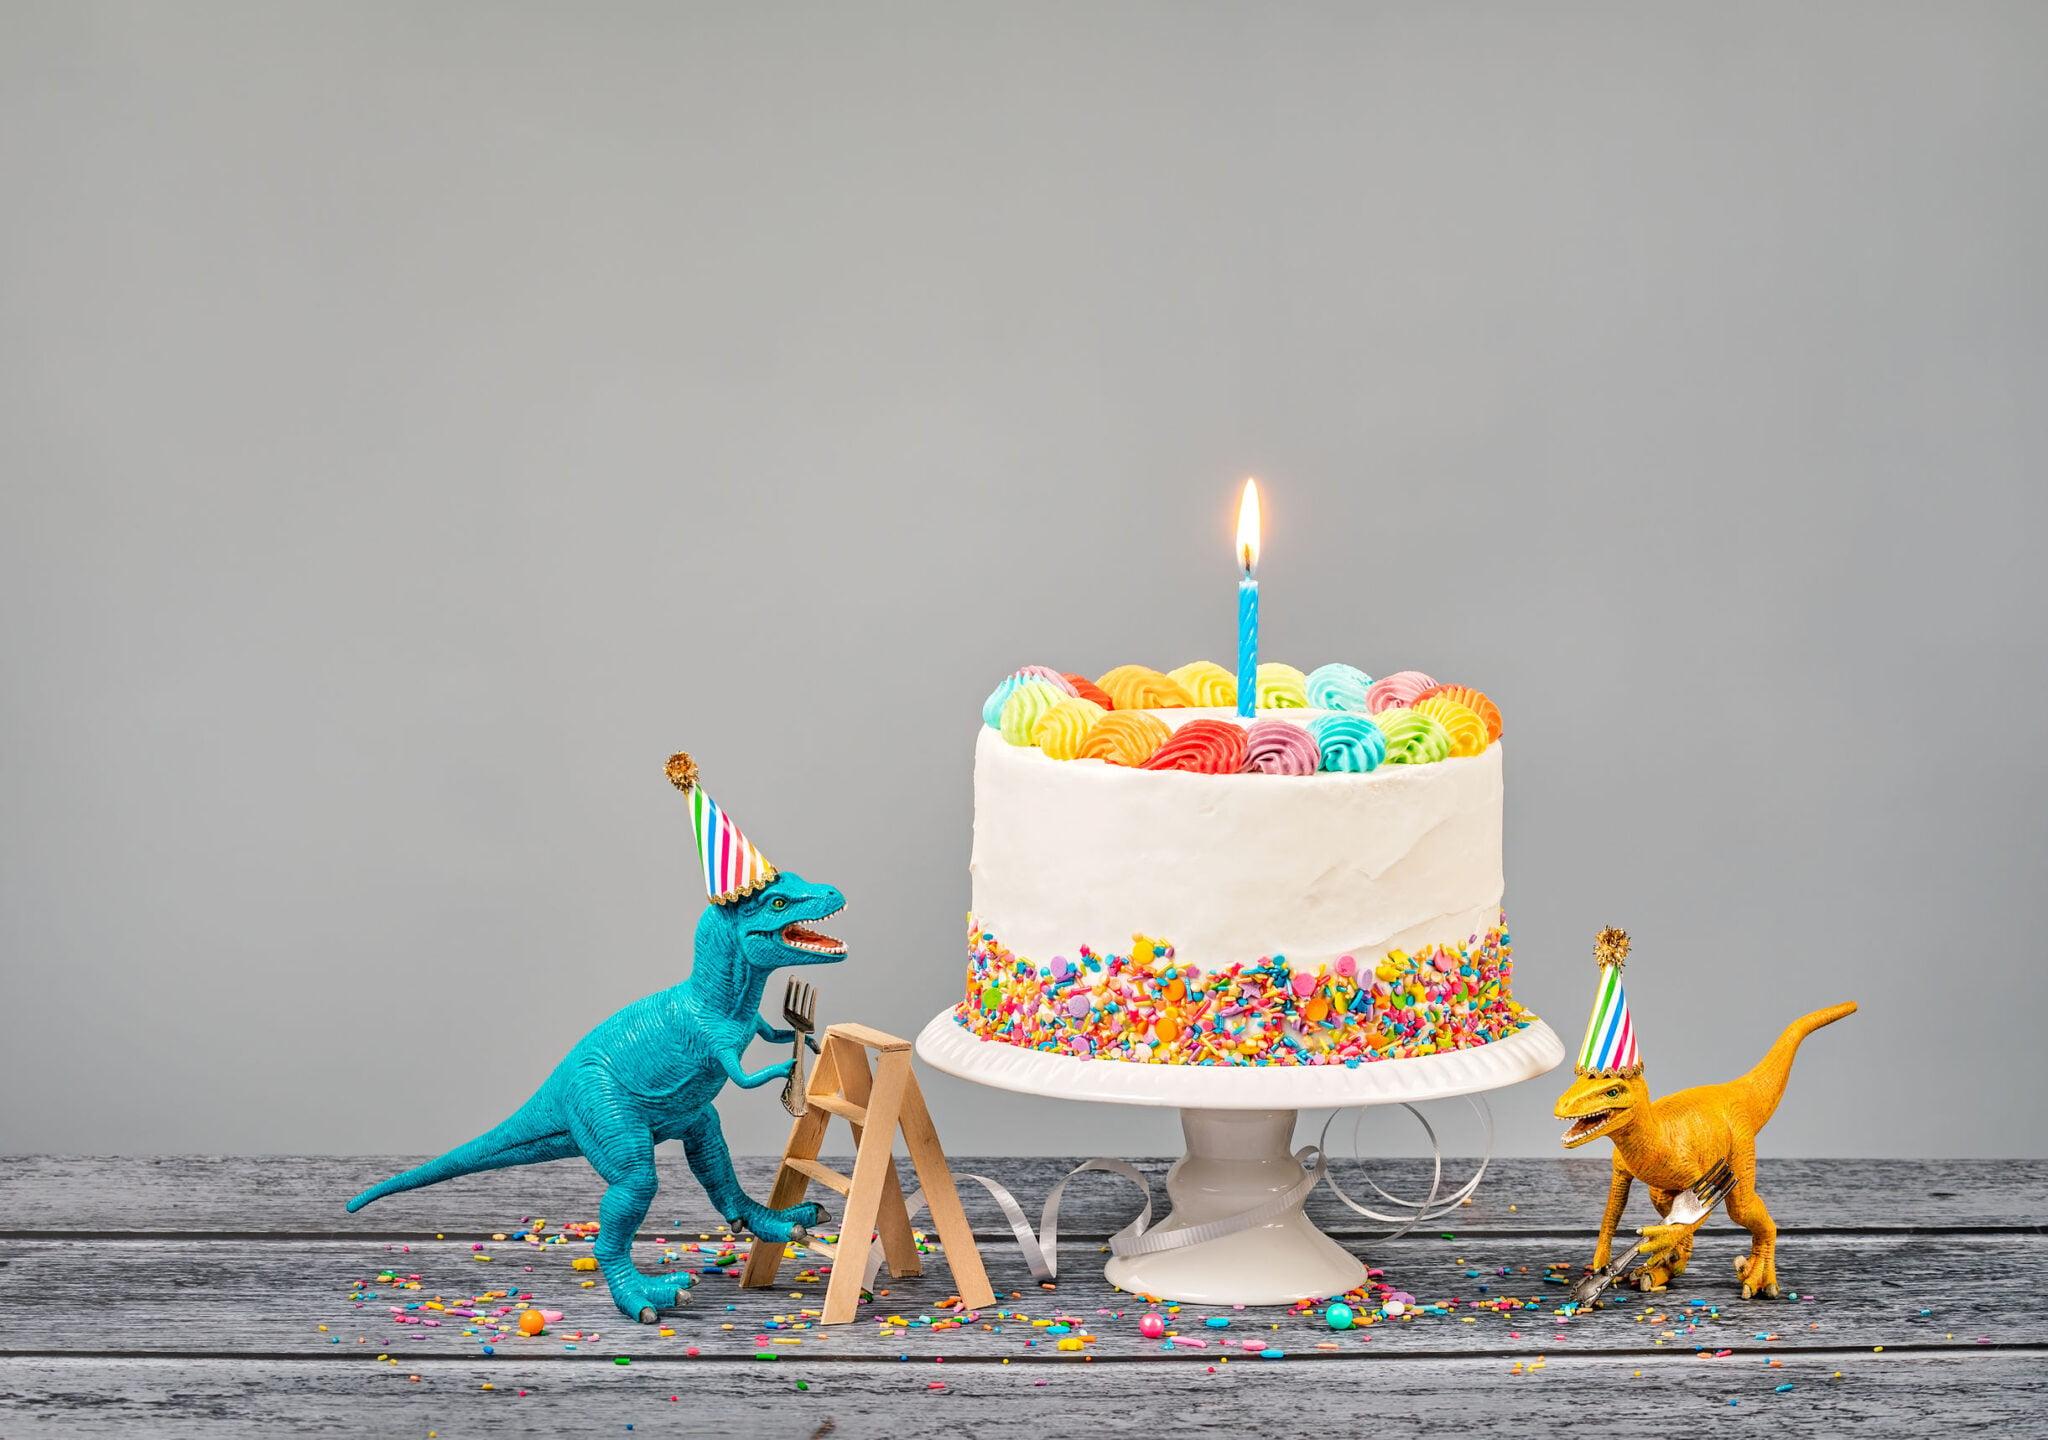 Dinosaurus kinderfeestje organiseren; tips en ideeën van uitnodiging tot spelletjes en programma - Mamaliefde.nl